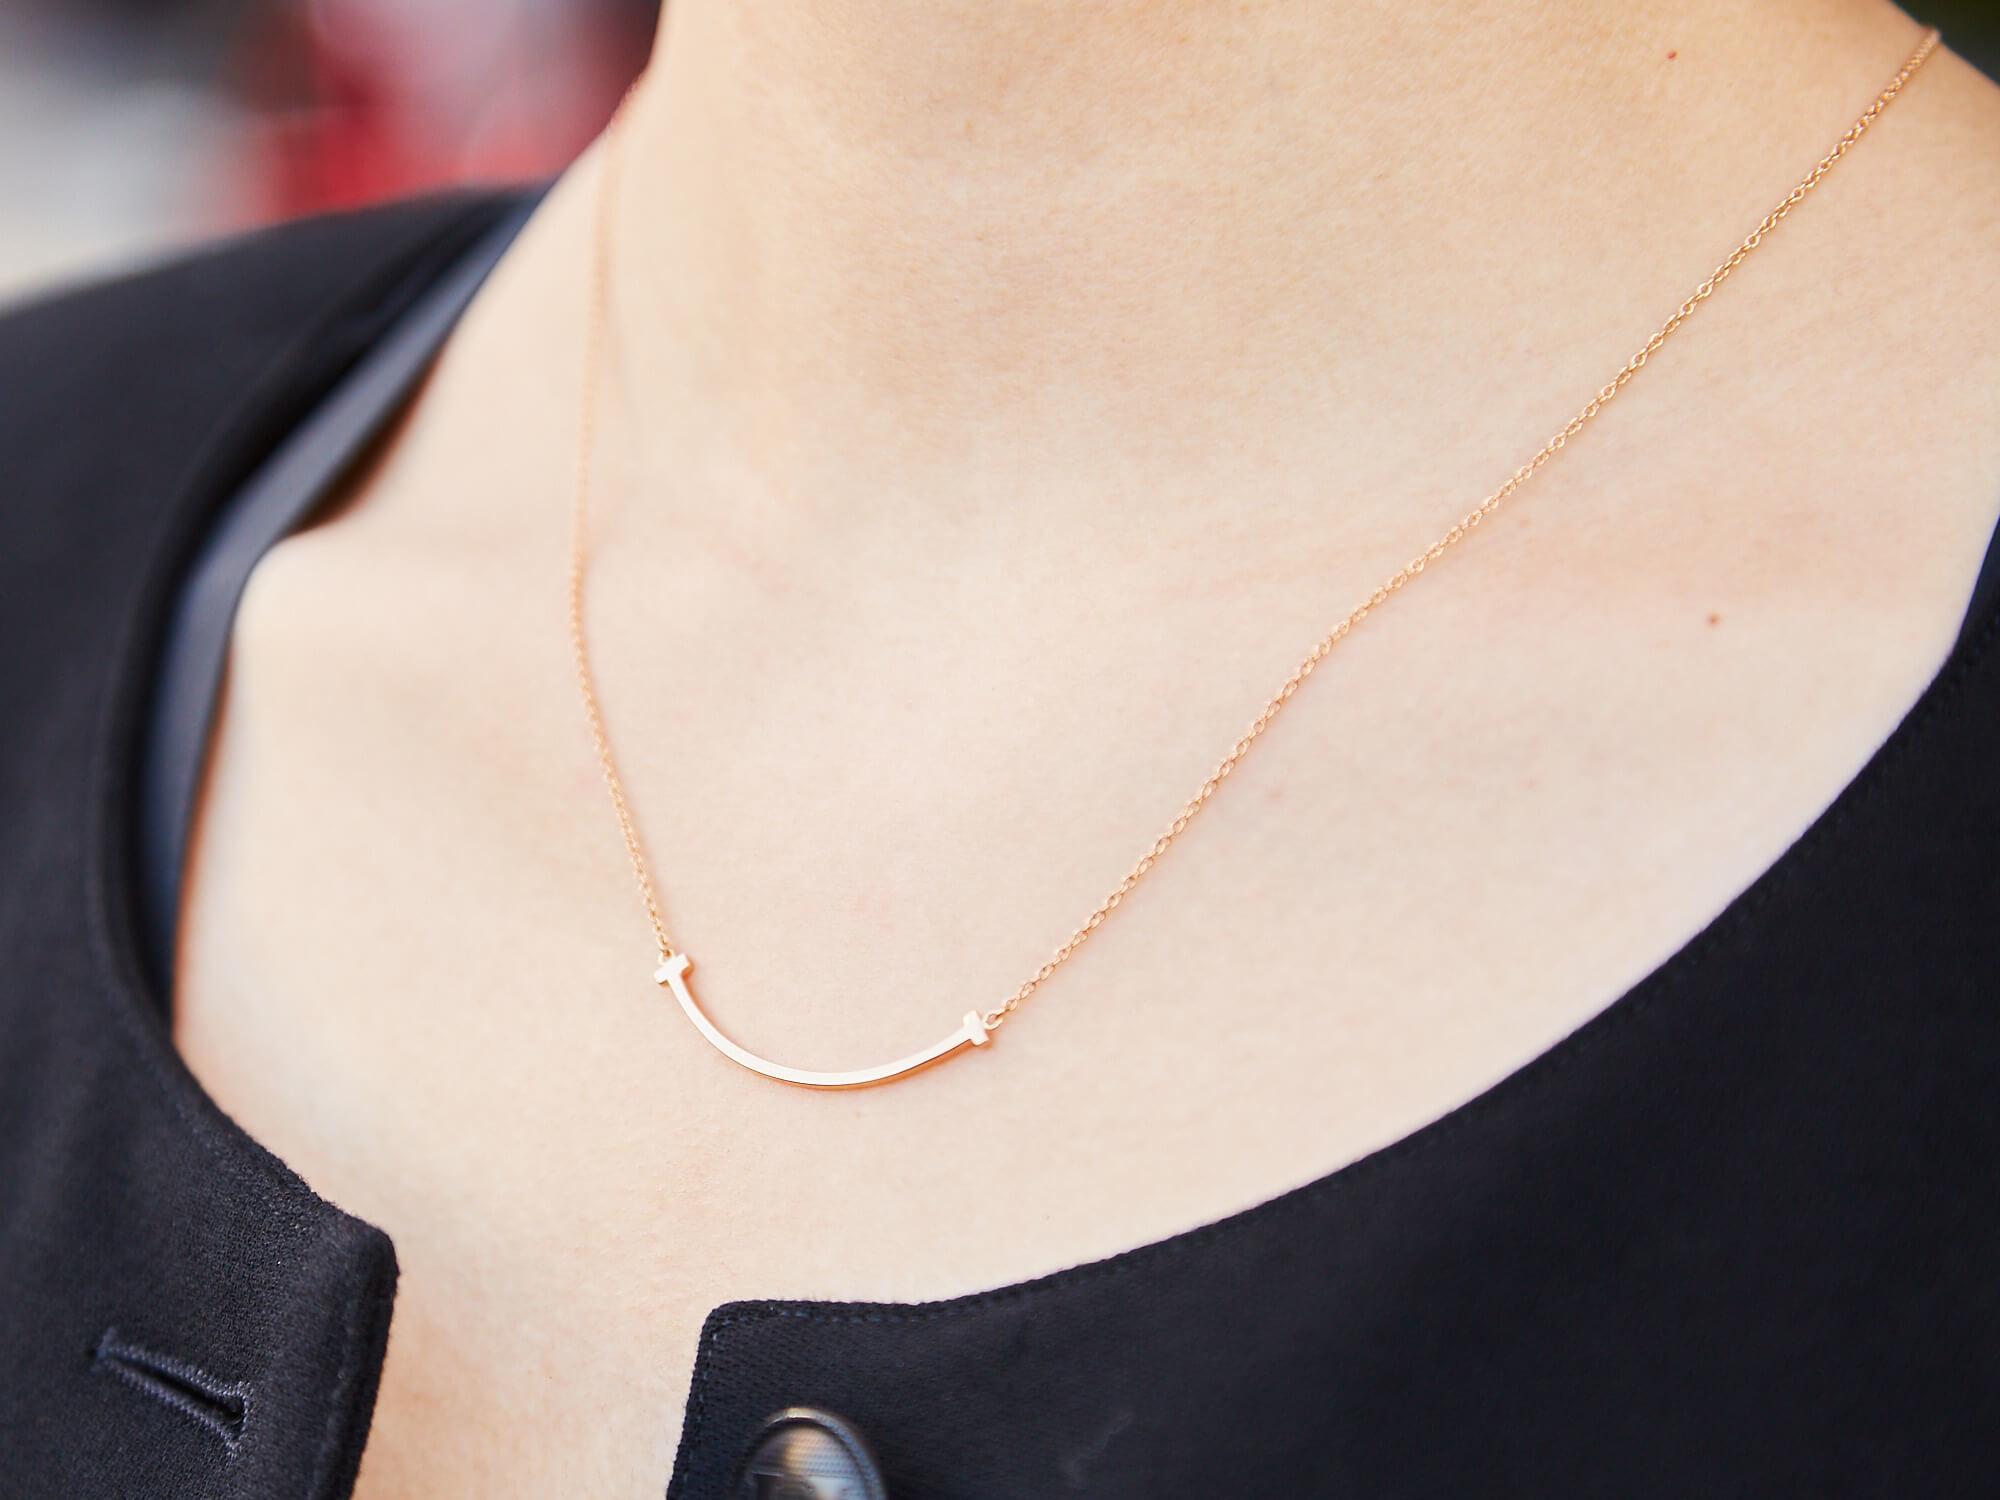 ティファニーのネックレスをつけた女性の首元